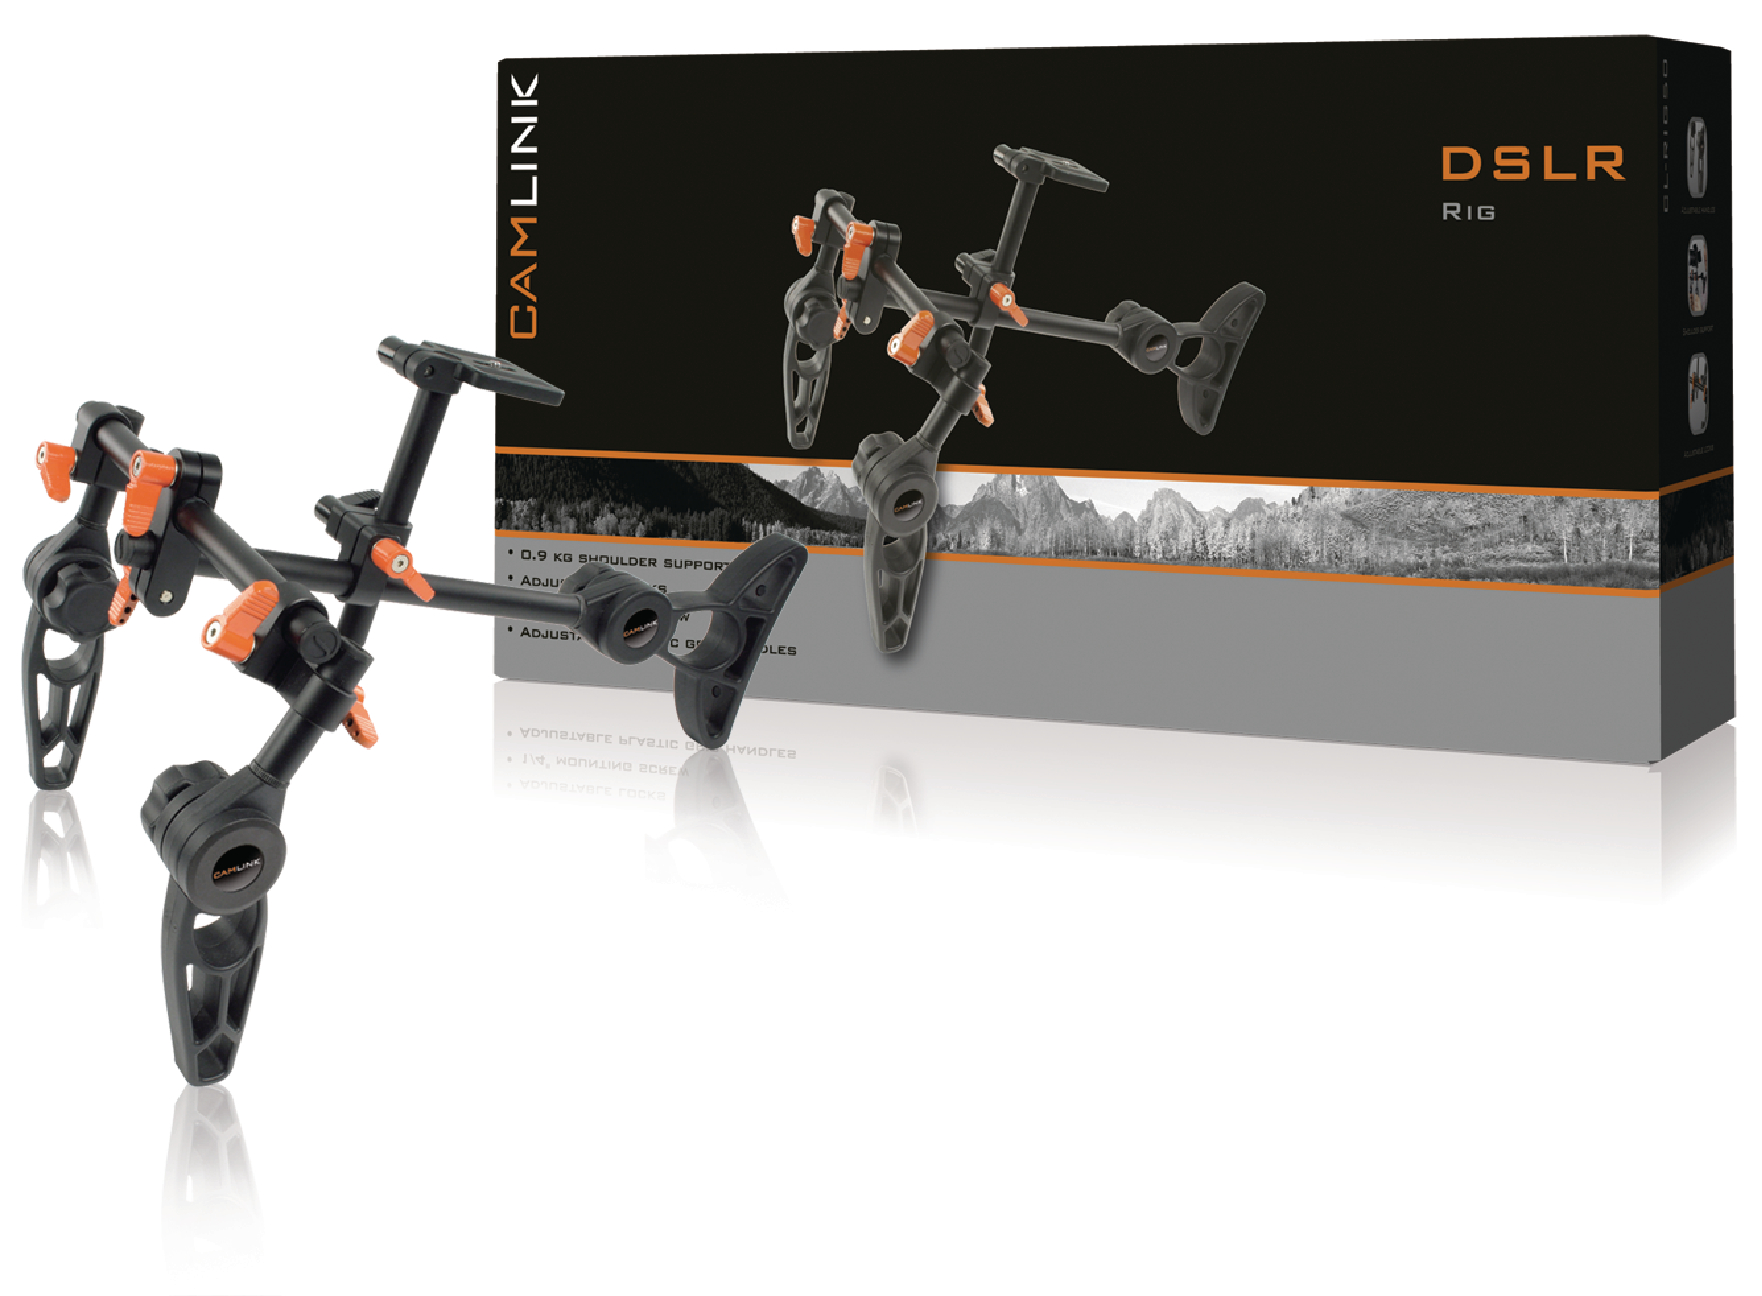 Kamera/Video Rig 0.9 kg Sort/Orange